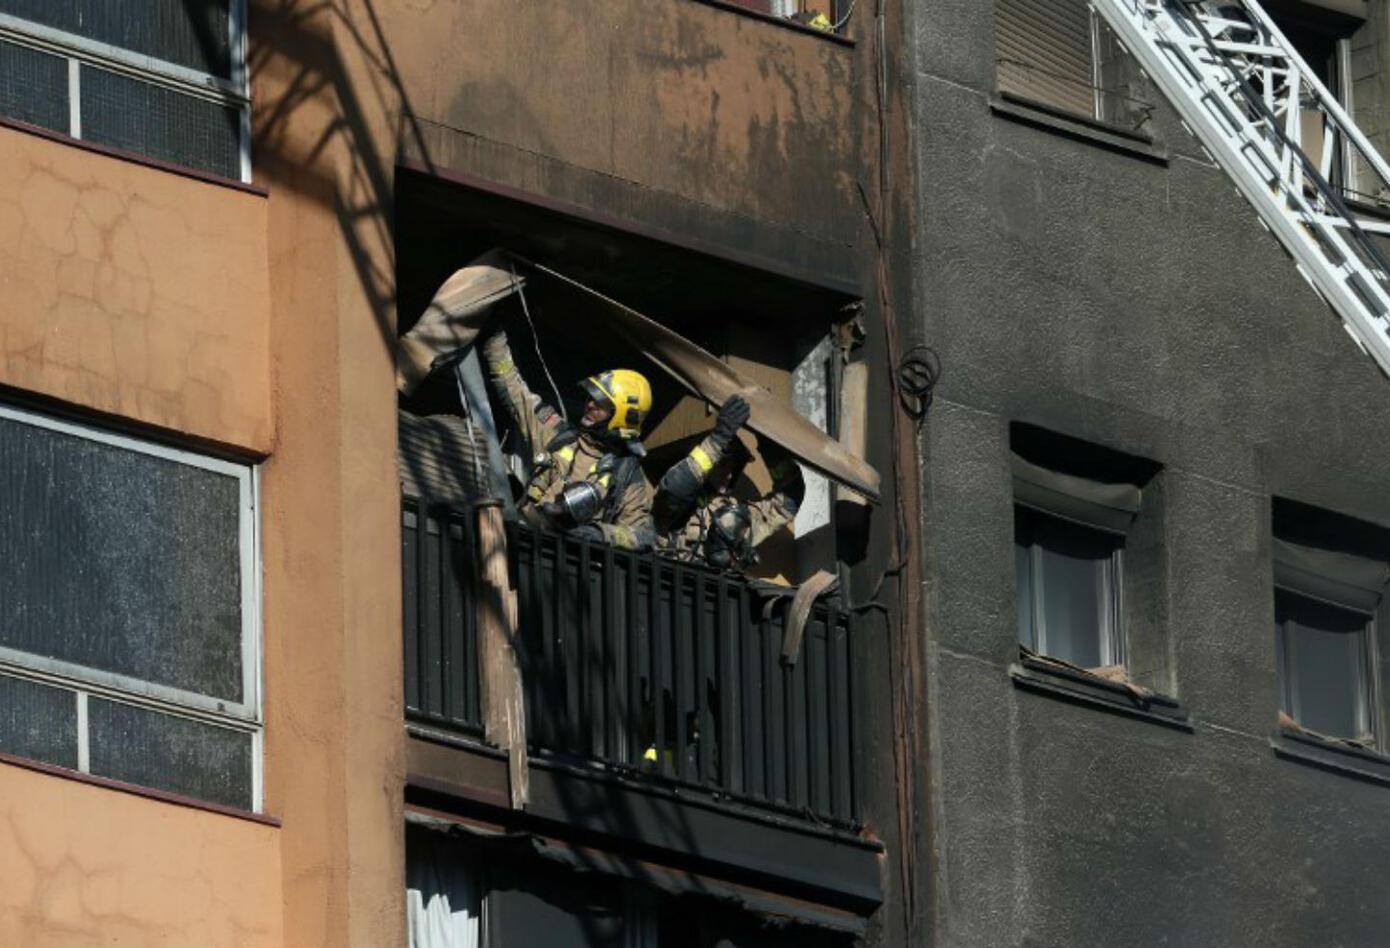 Incendio en bloque de apartamentos en Badalona